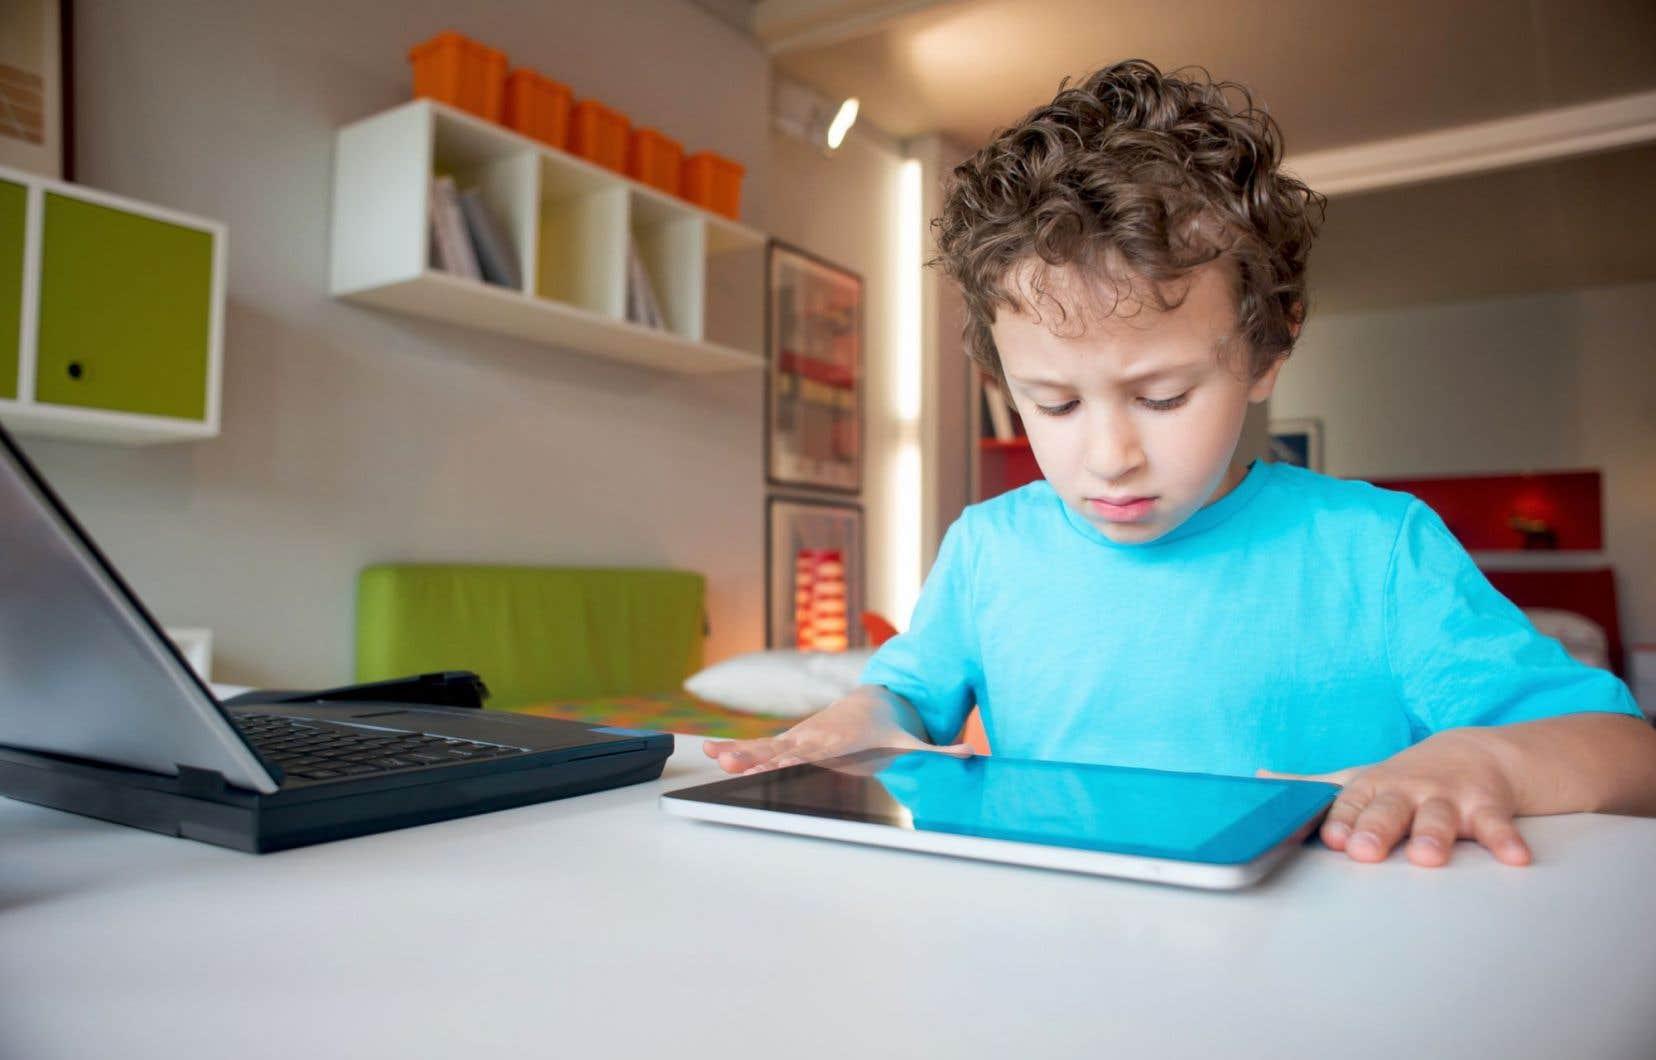 La hausse importante indique que les garçons sont de plus en plus à risque de recevoir des menaces en ligne.